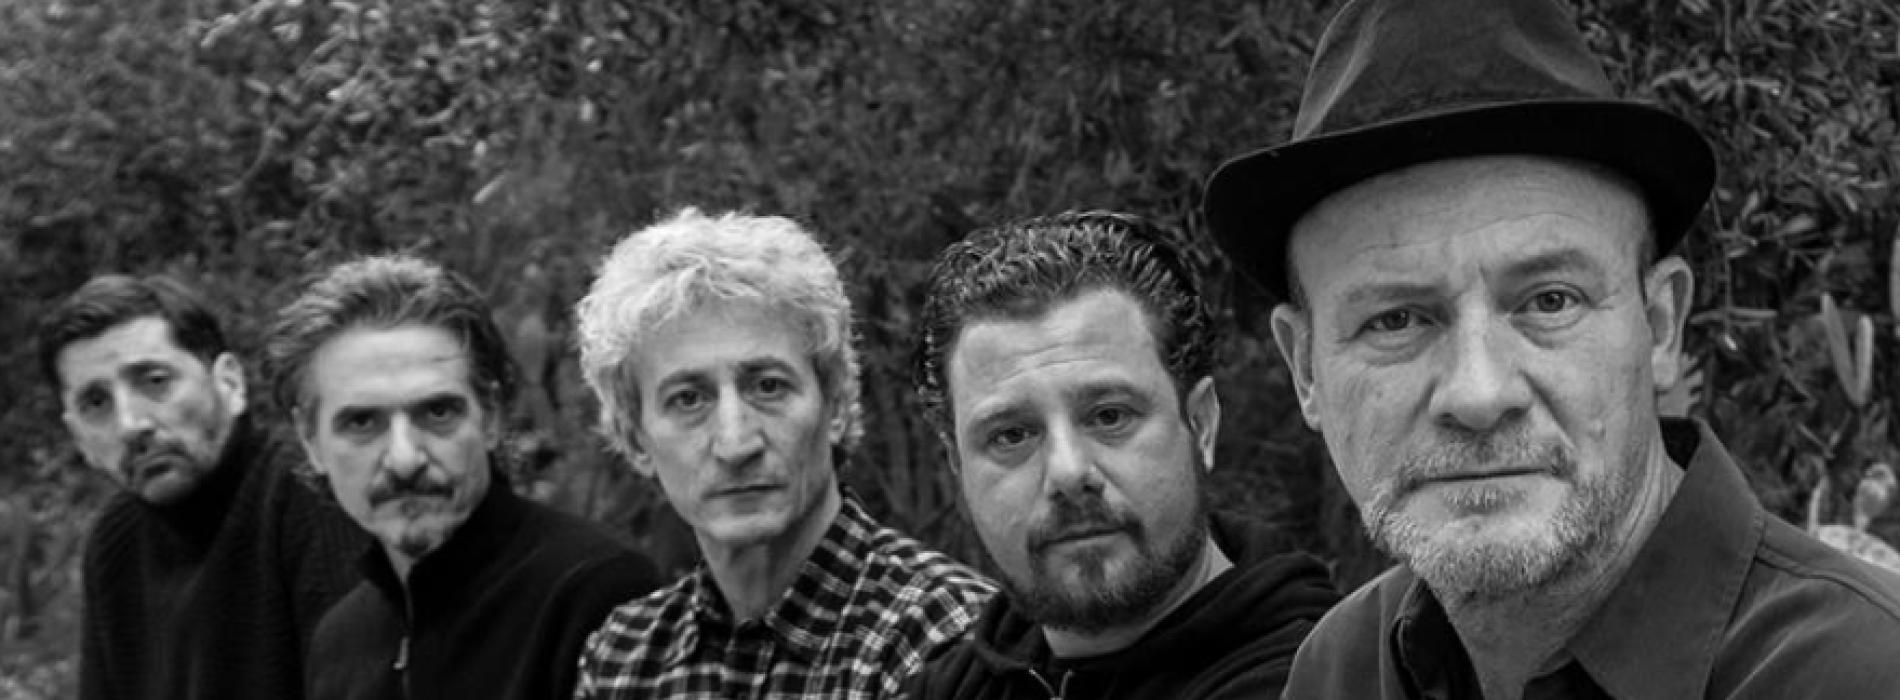 Mea Culpa, nuovo album di Giovanni Sorvillo & Tiempo Antico